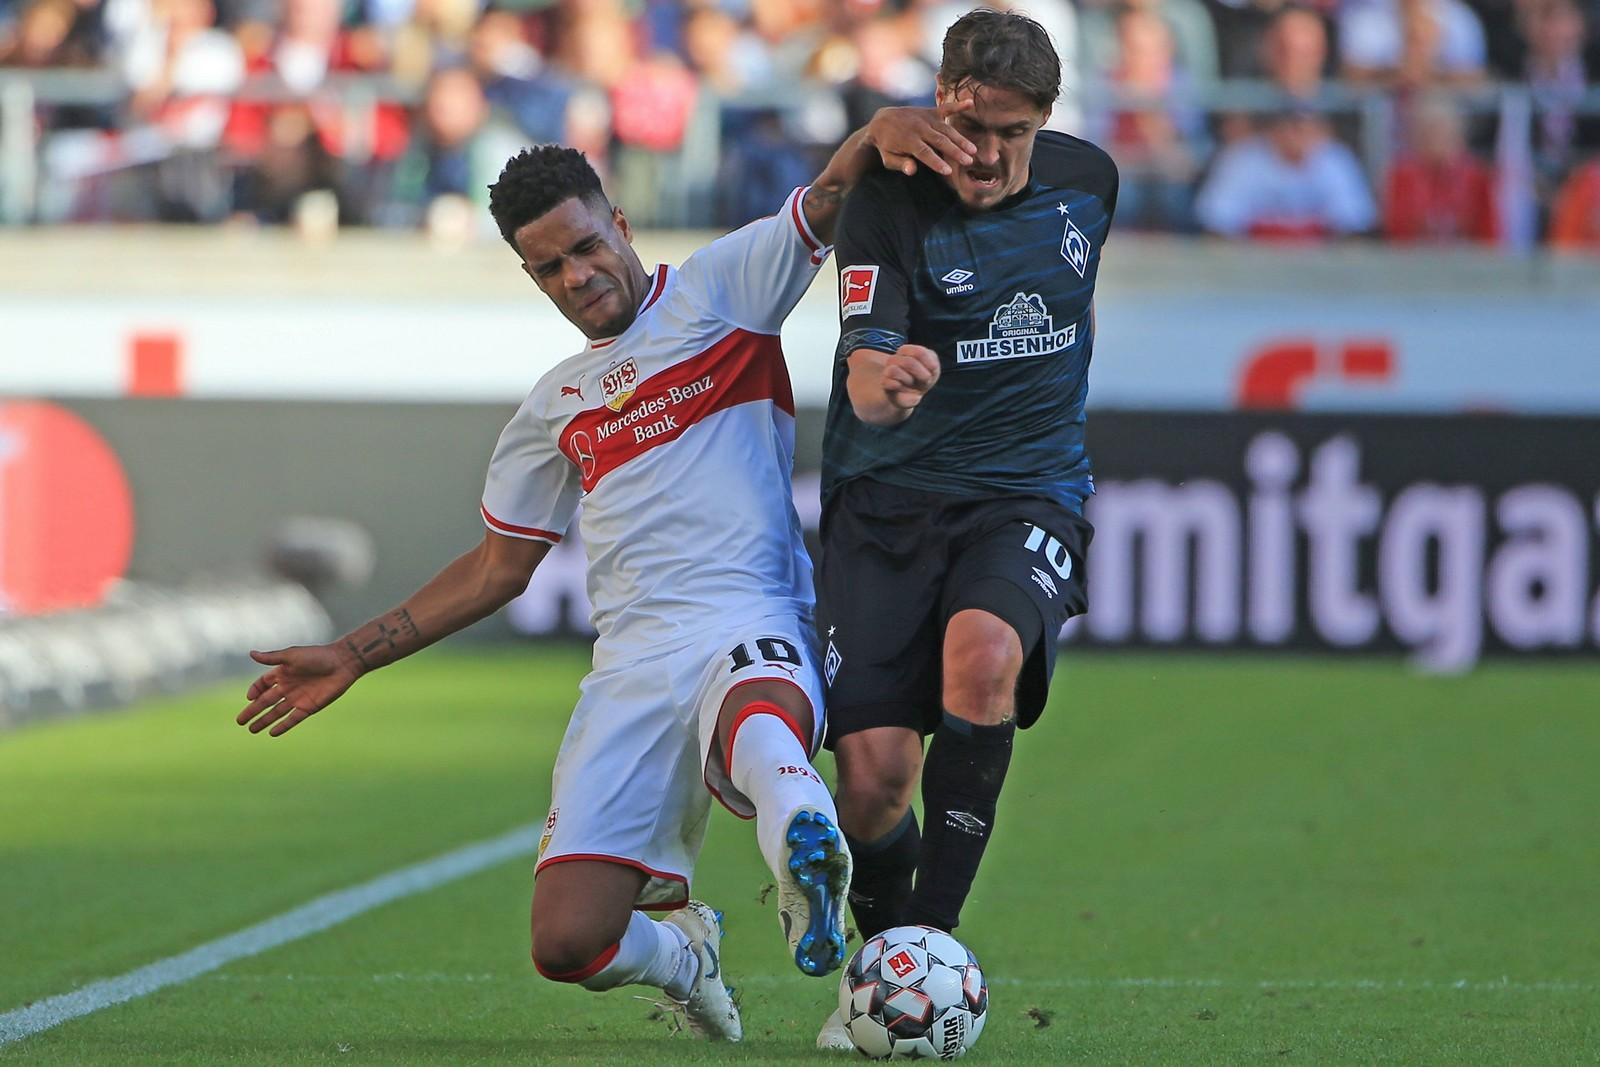 Kann Max Kruse gegen Stuttgart den SV Werder wieder näher nach Europa bringen? Jetzt auf Werder gegen Stuttgart wetten!